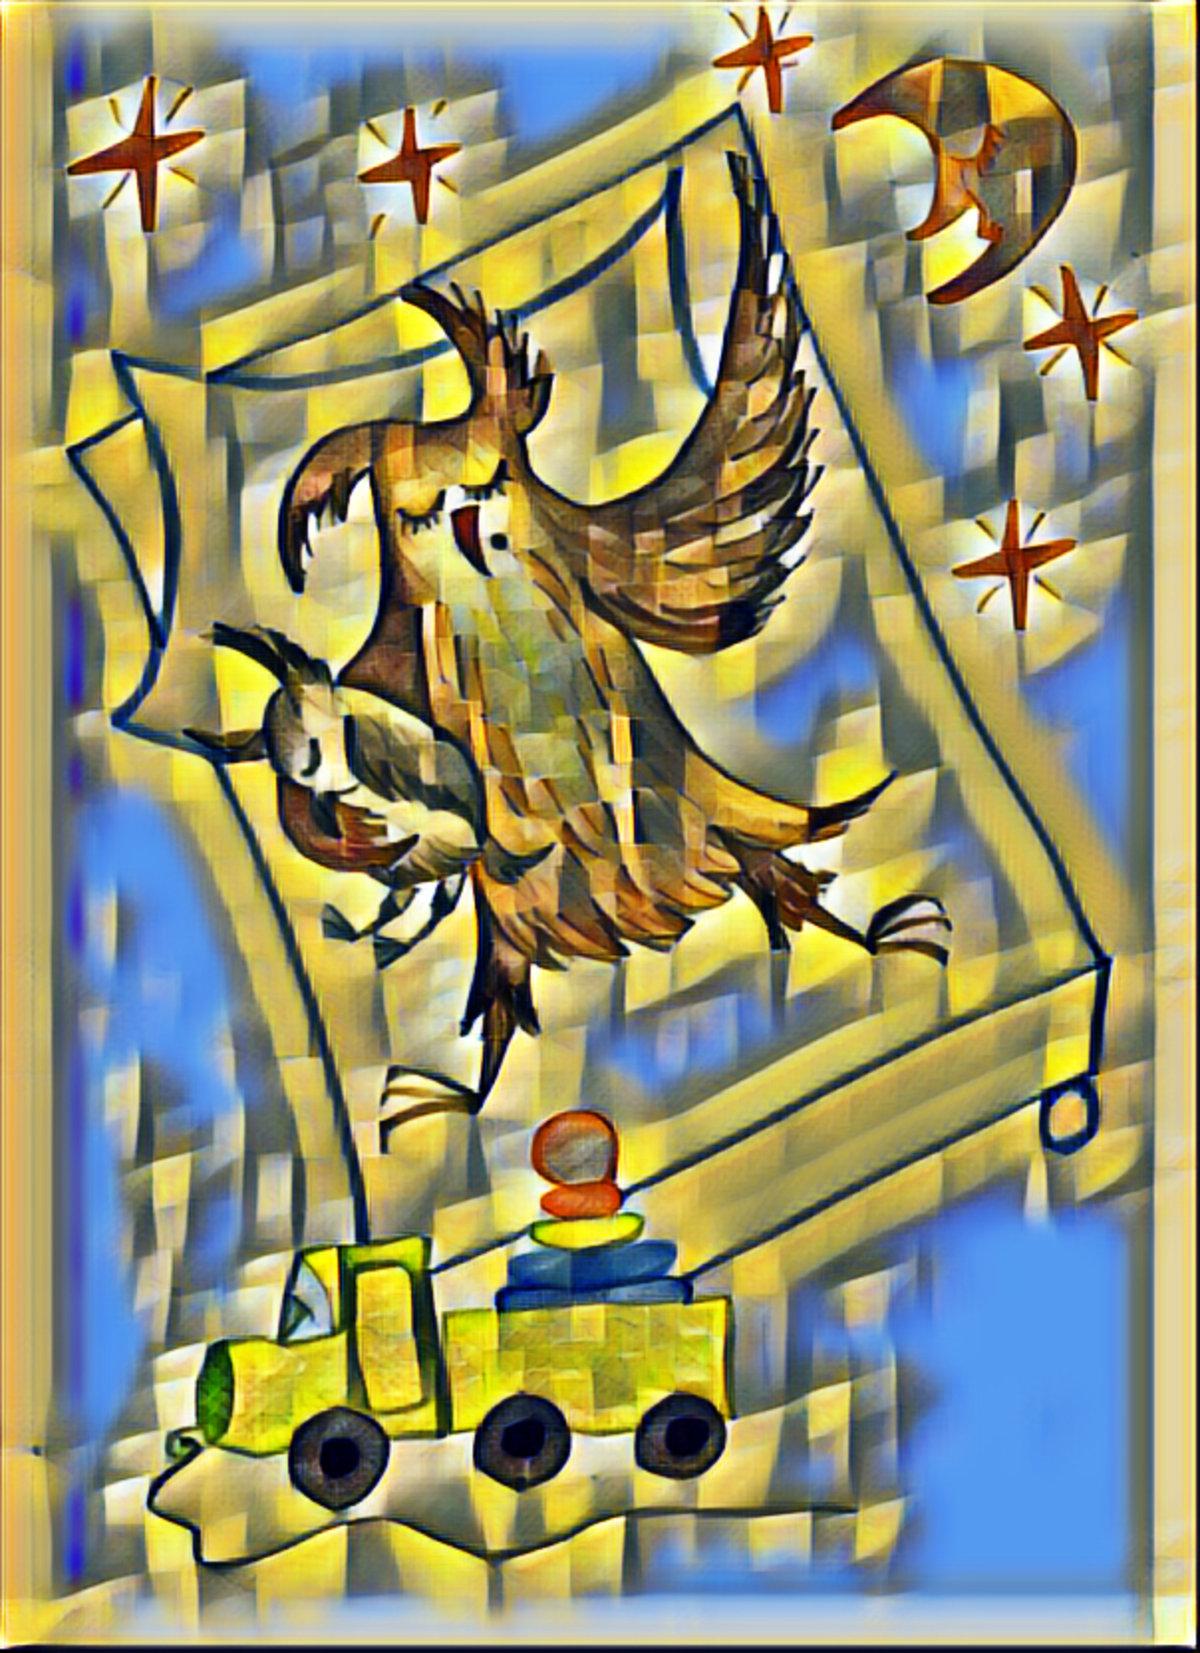 Красивые открытки бесплатно для вас, Beautiful postcards are free for you, p_i_r_a_n_y_a - Сова Ульяна. Сладкий сон - мозаика